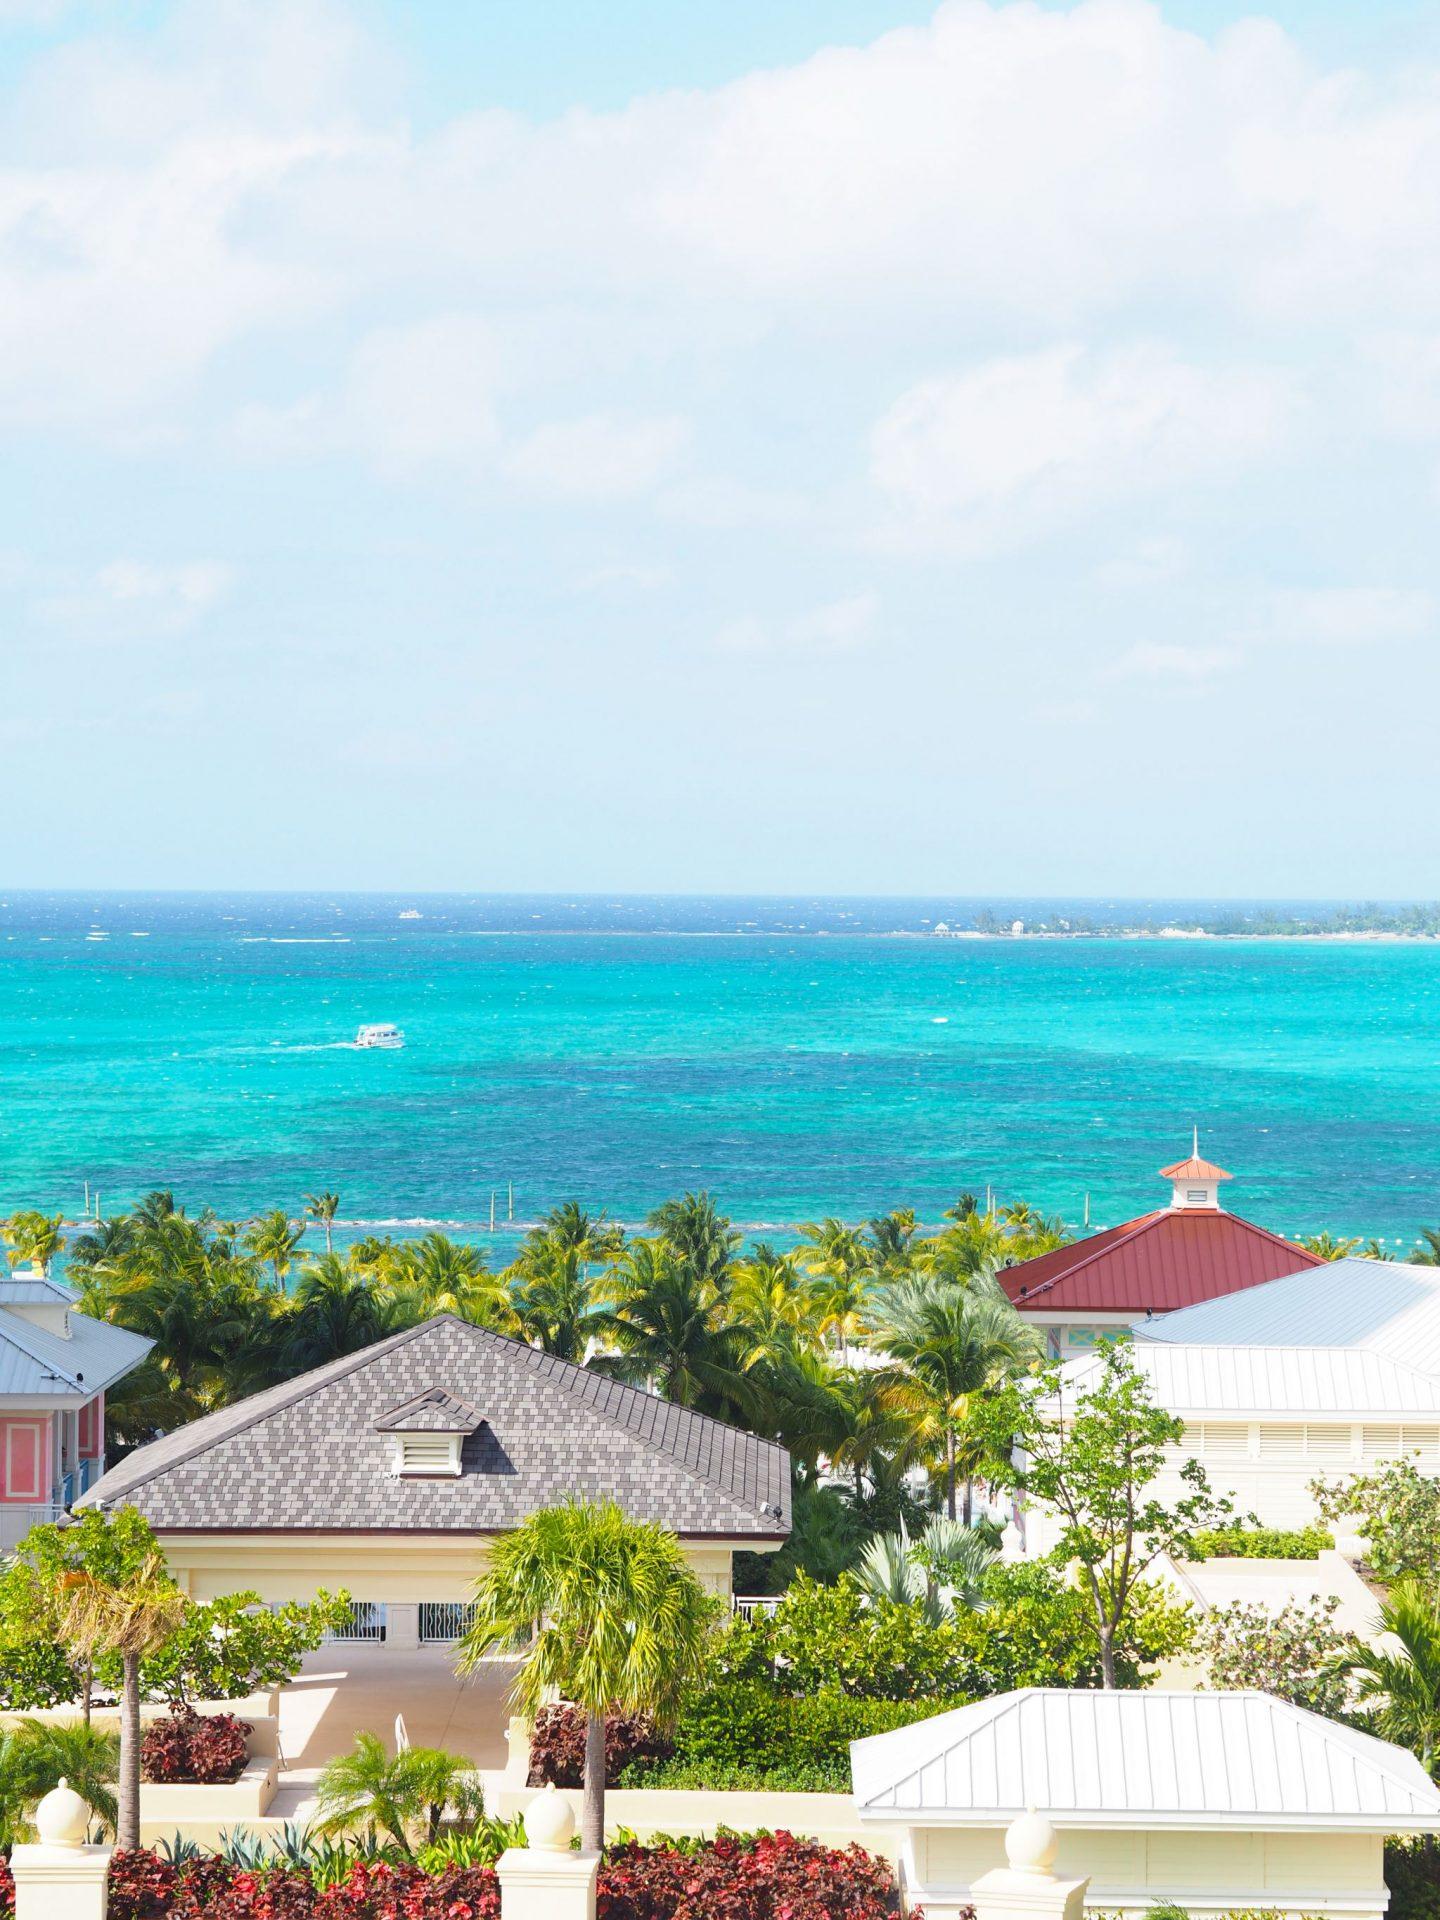 View from Grand Hyatt, Baha Mar, Bahamas